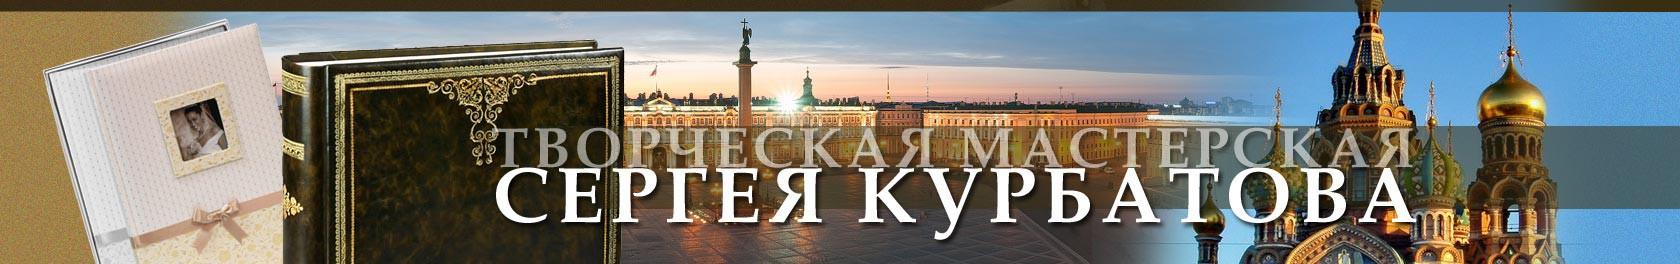 «Творческая мастерская Сергея Курбатова»